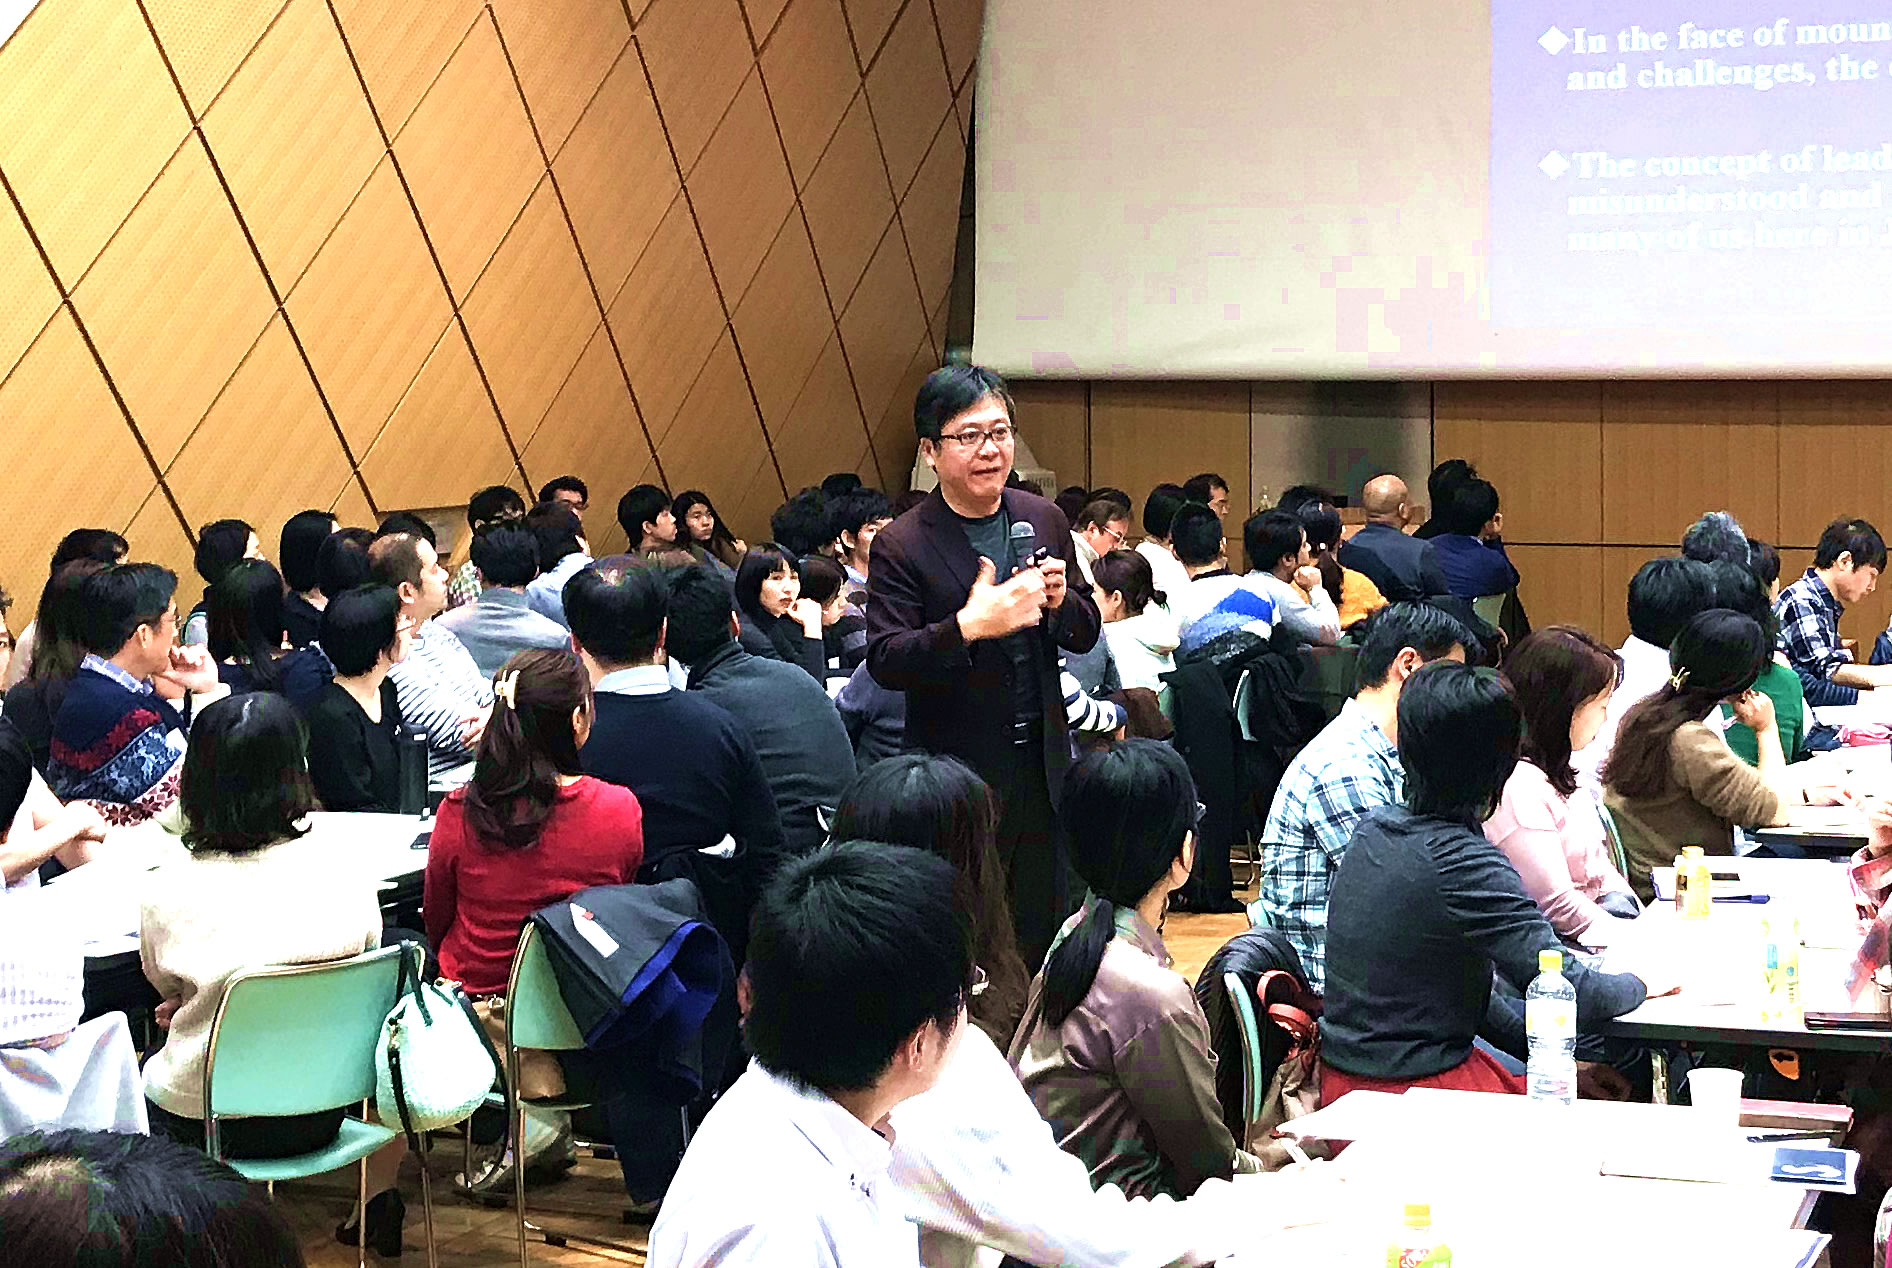 野田 智義 さん Dr. Tomoyoshi NODA「MBAを超えて ~ 世界のリーダーシップ教育のパラダイムシフトへの挑戦」